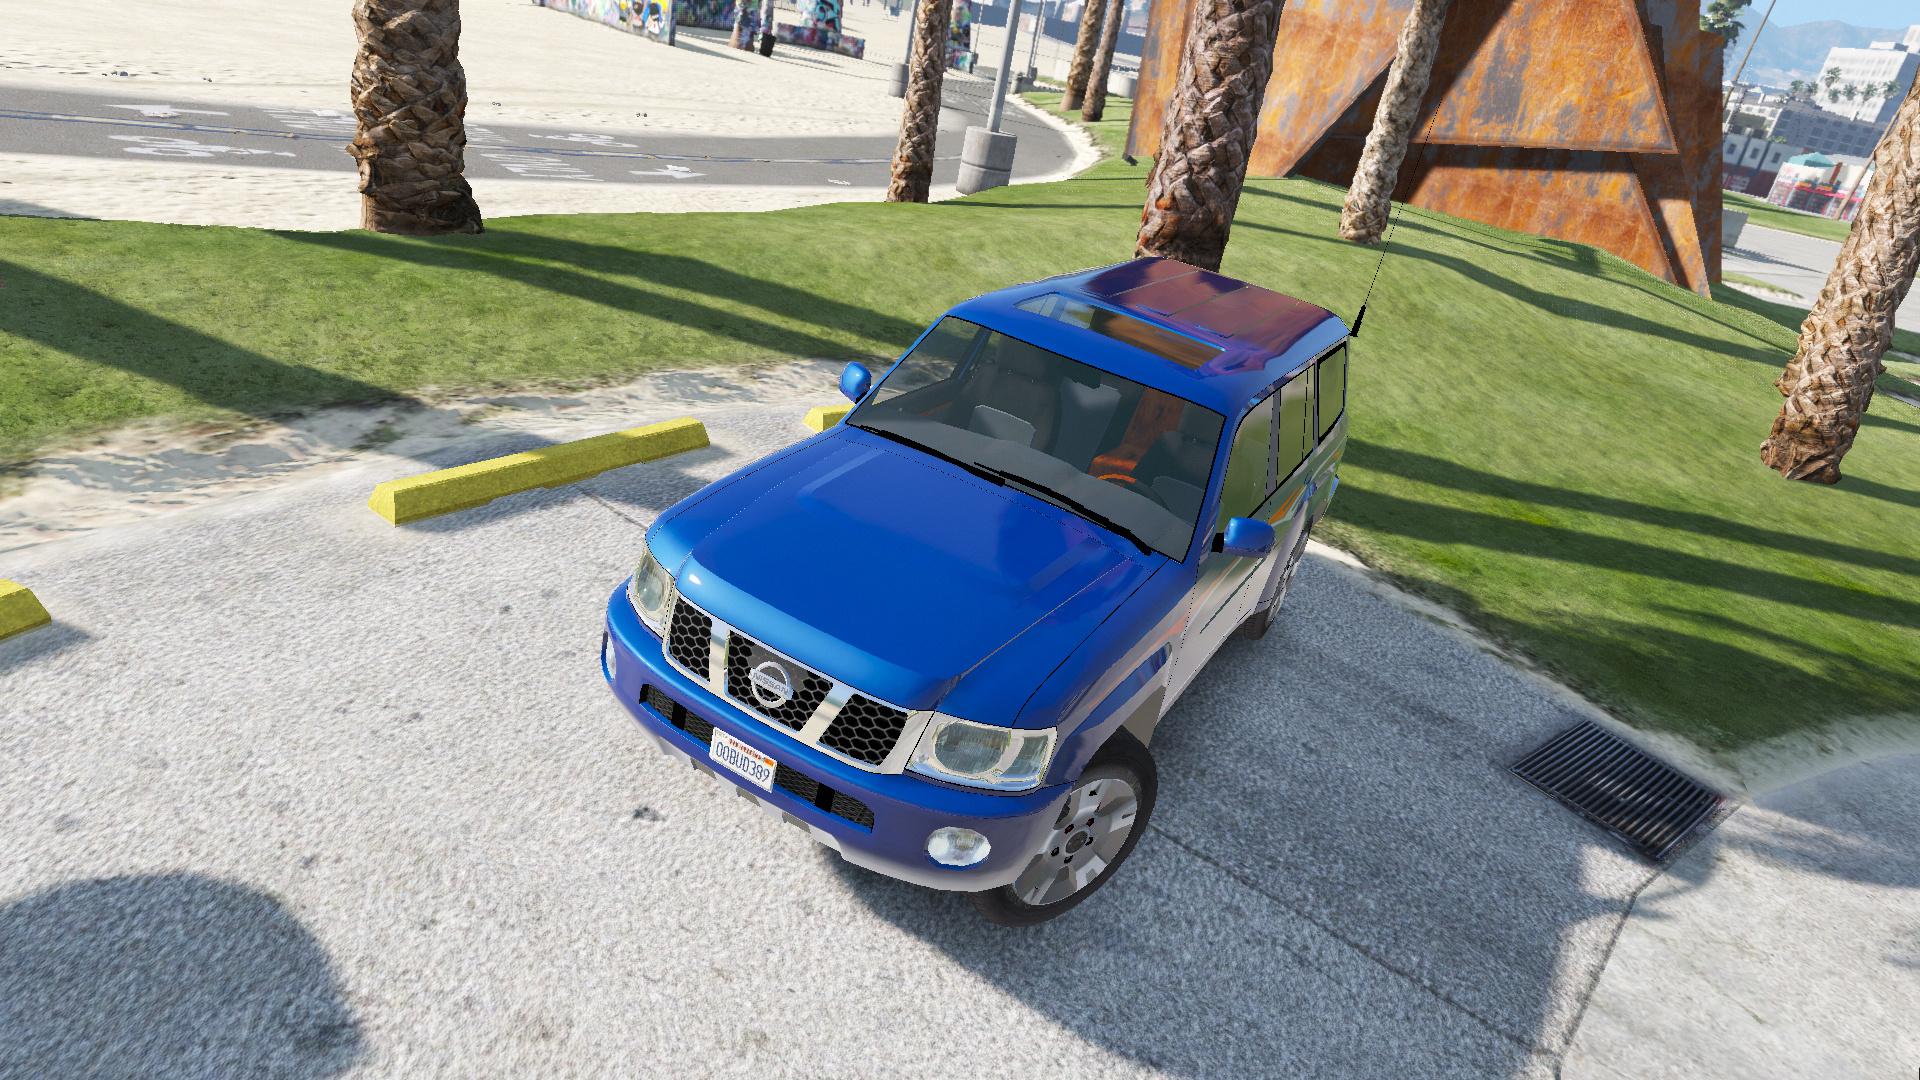 2005 Nissan Patrol VTC 4800 - GTA5-Mods.com